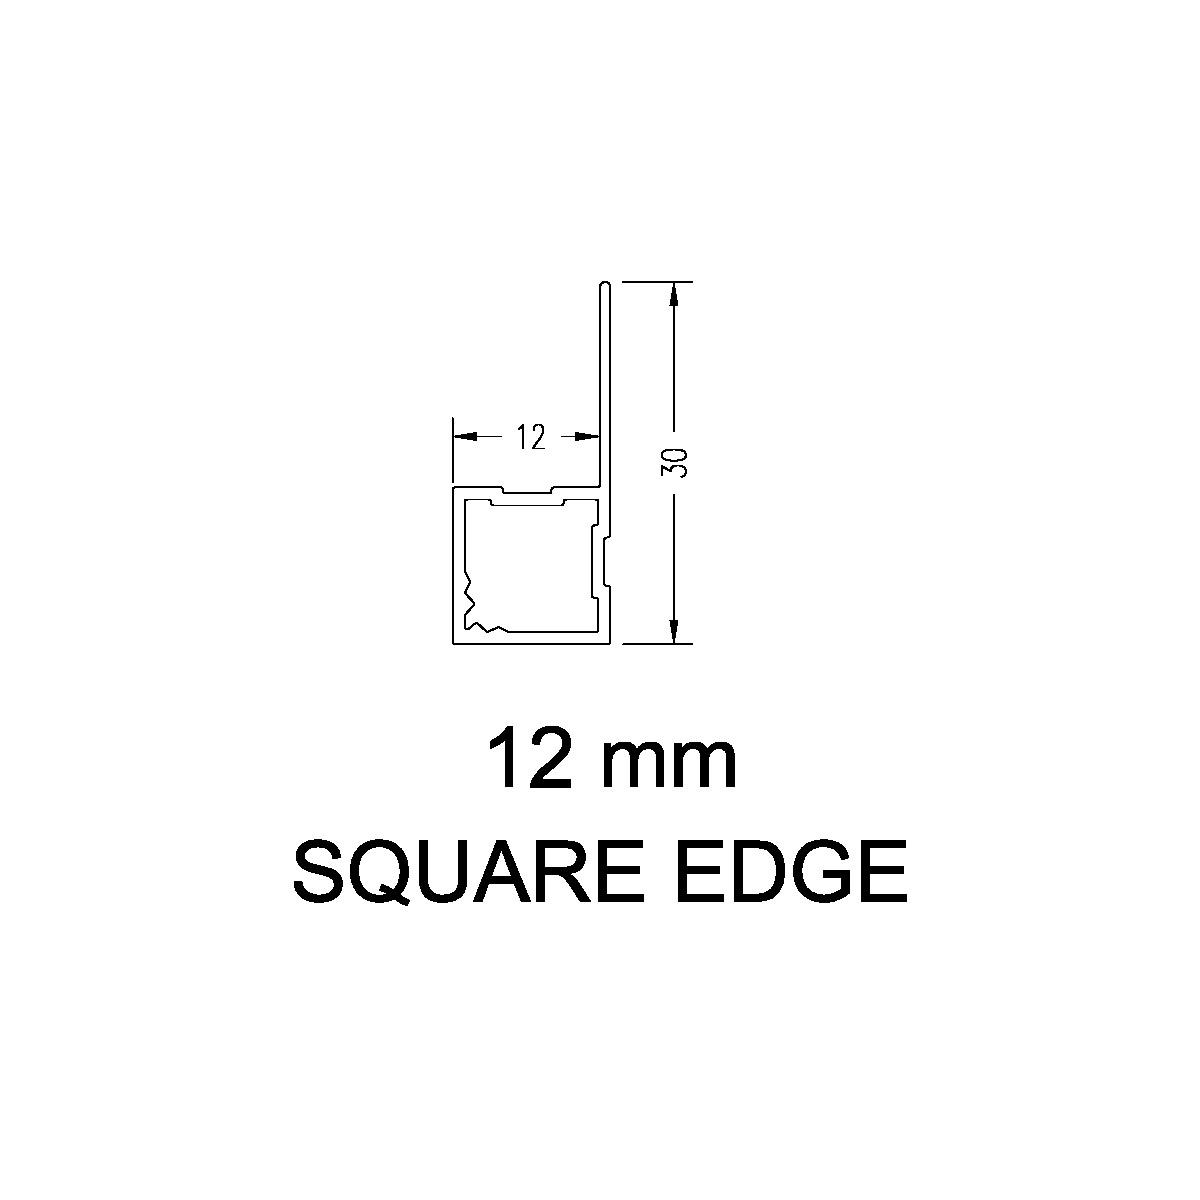 SQUEDGE – 12mm